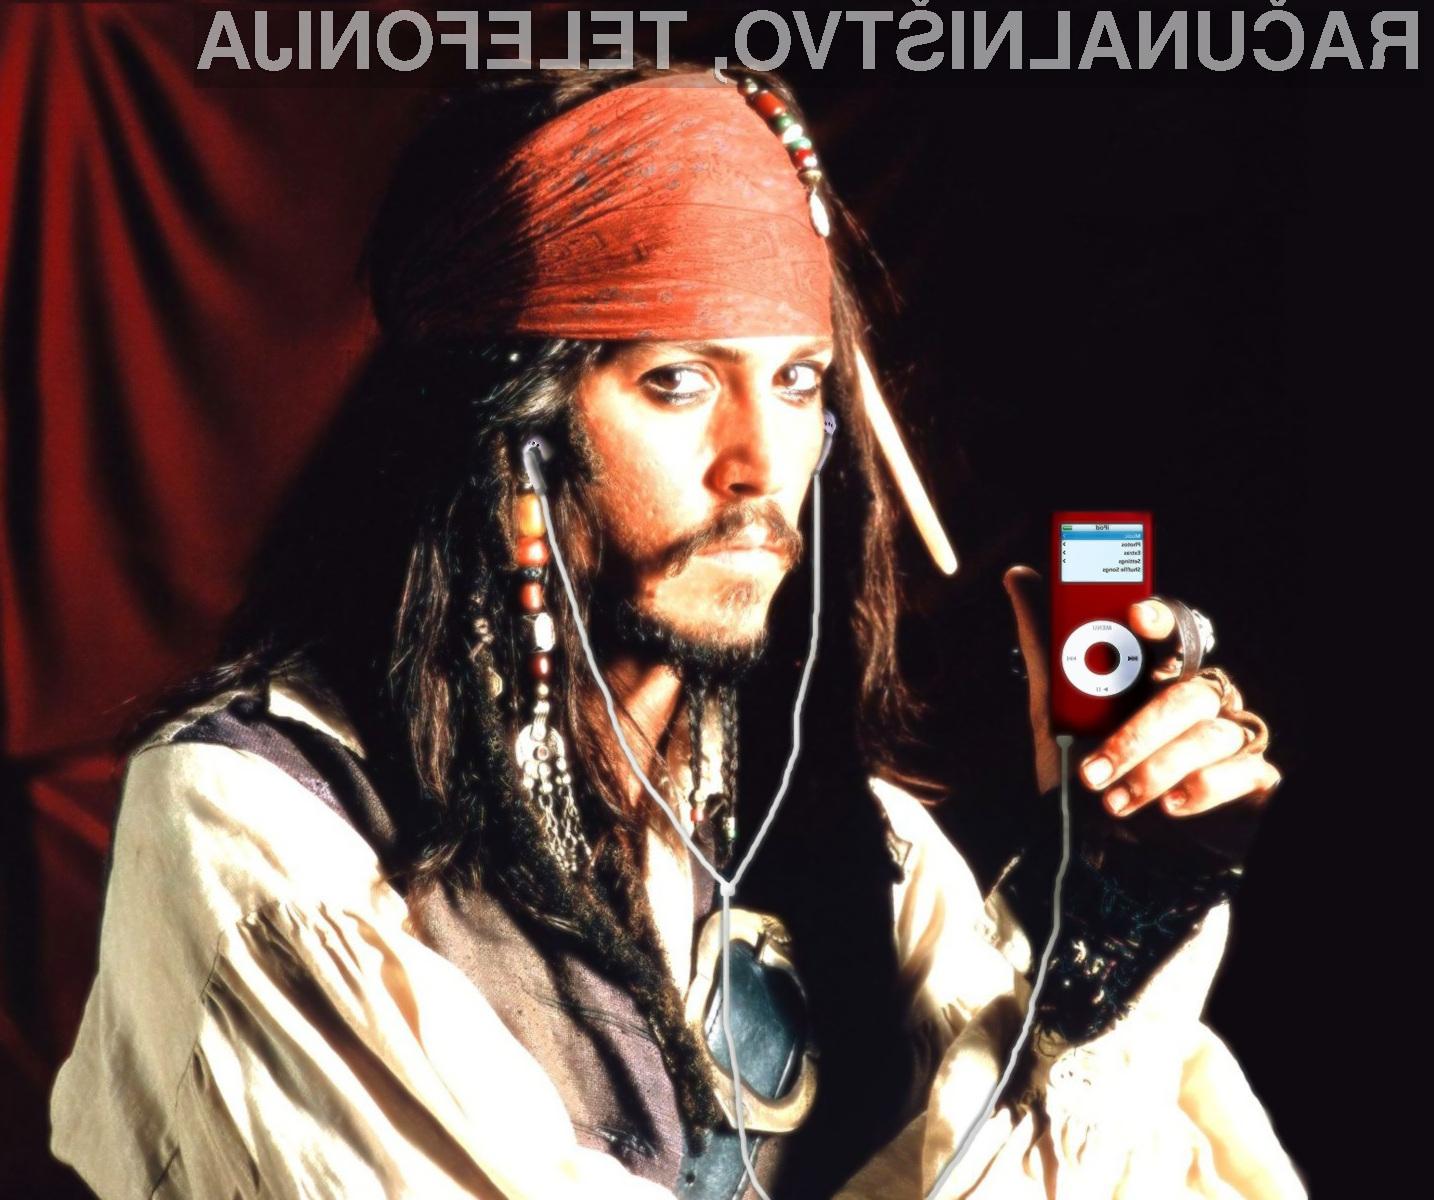 Za visoko stopnjo filmskega piratstva so si v največji meri krivi filmski studii sami!